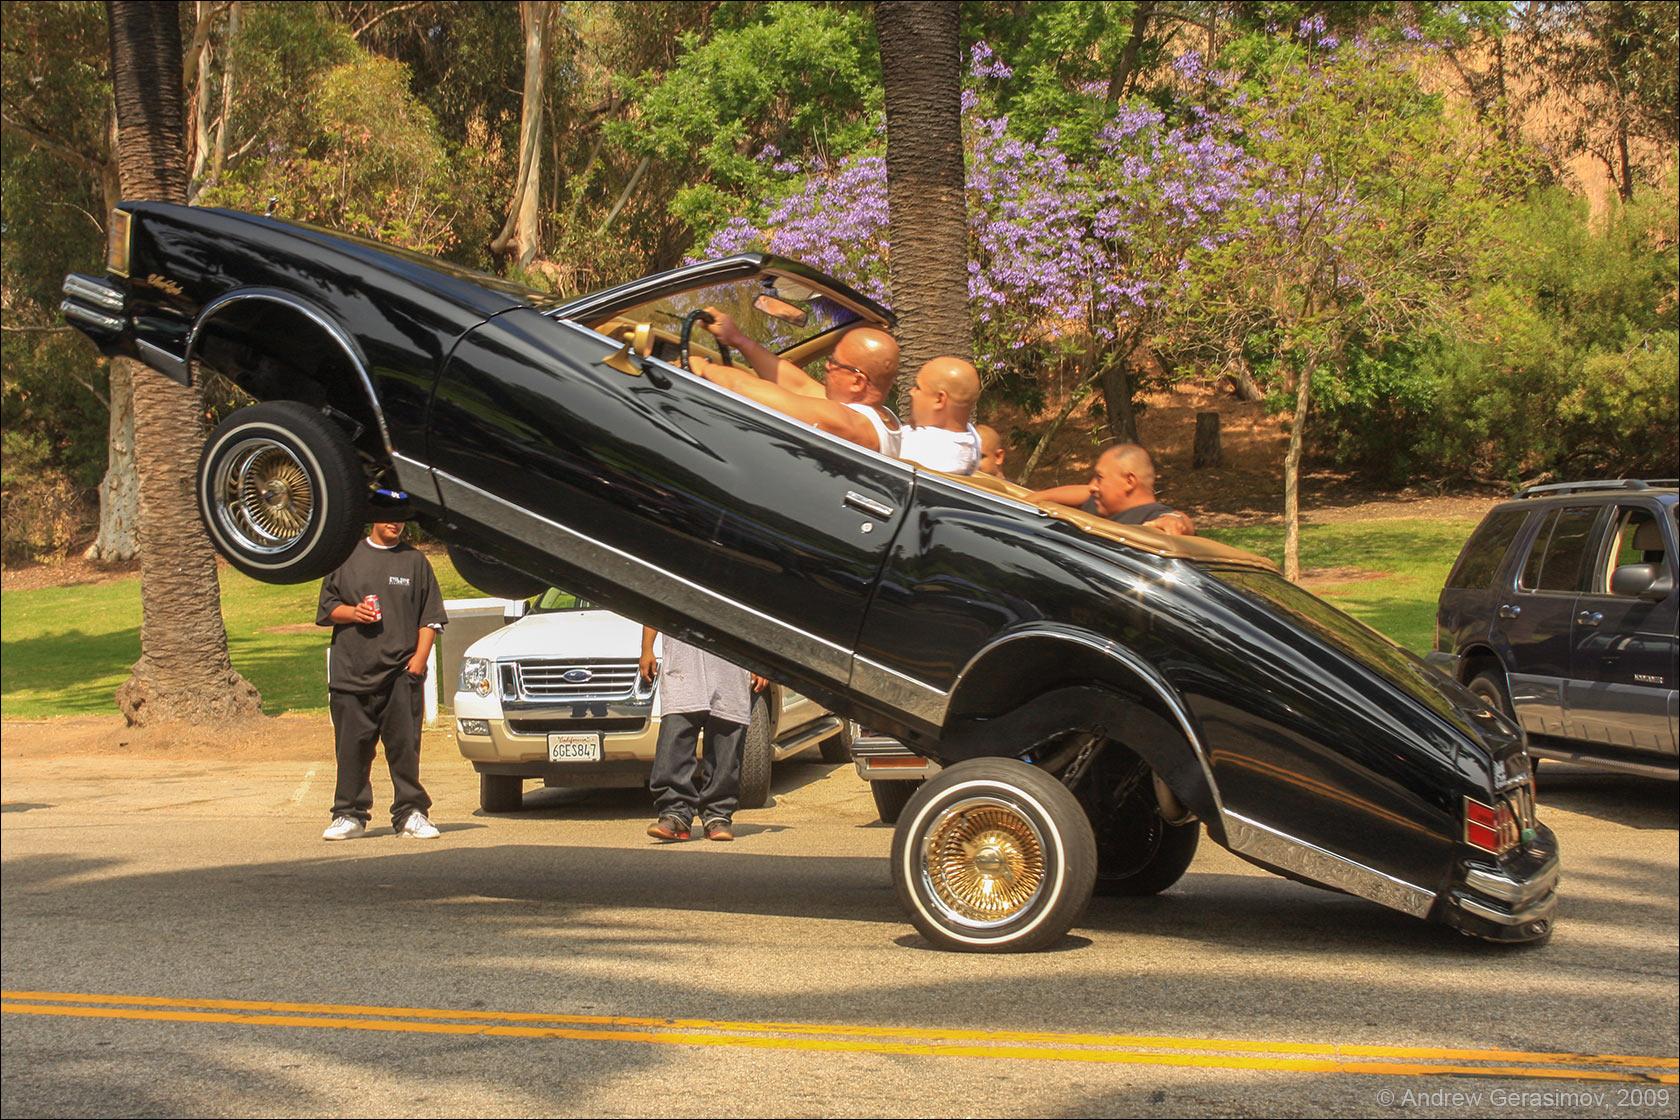 чужие картинки нигерских машин самый последний день